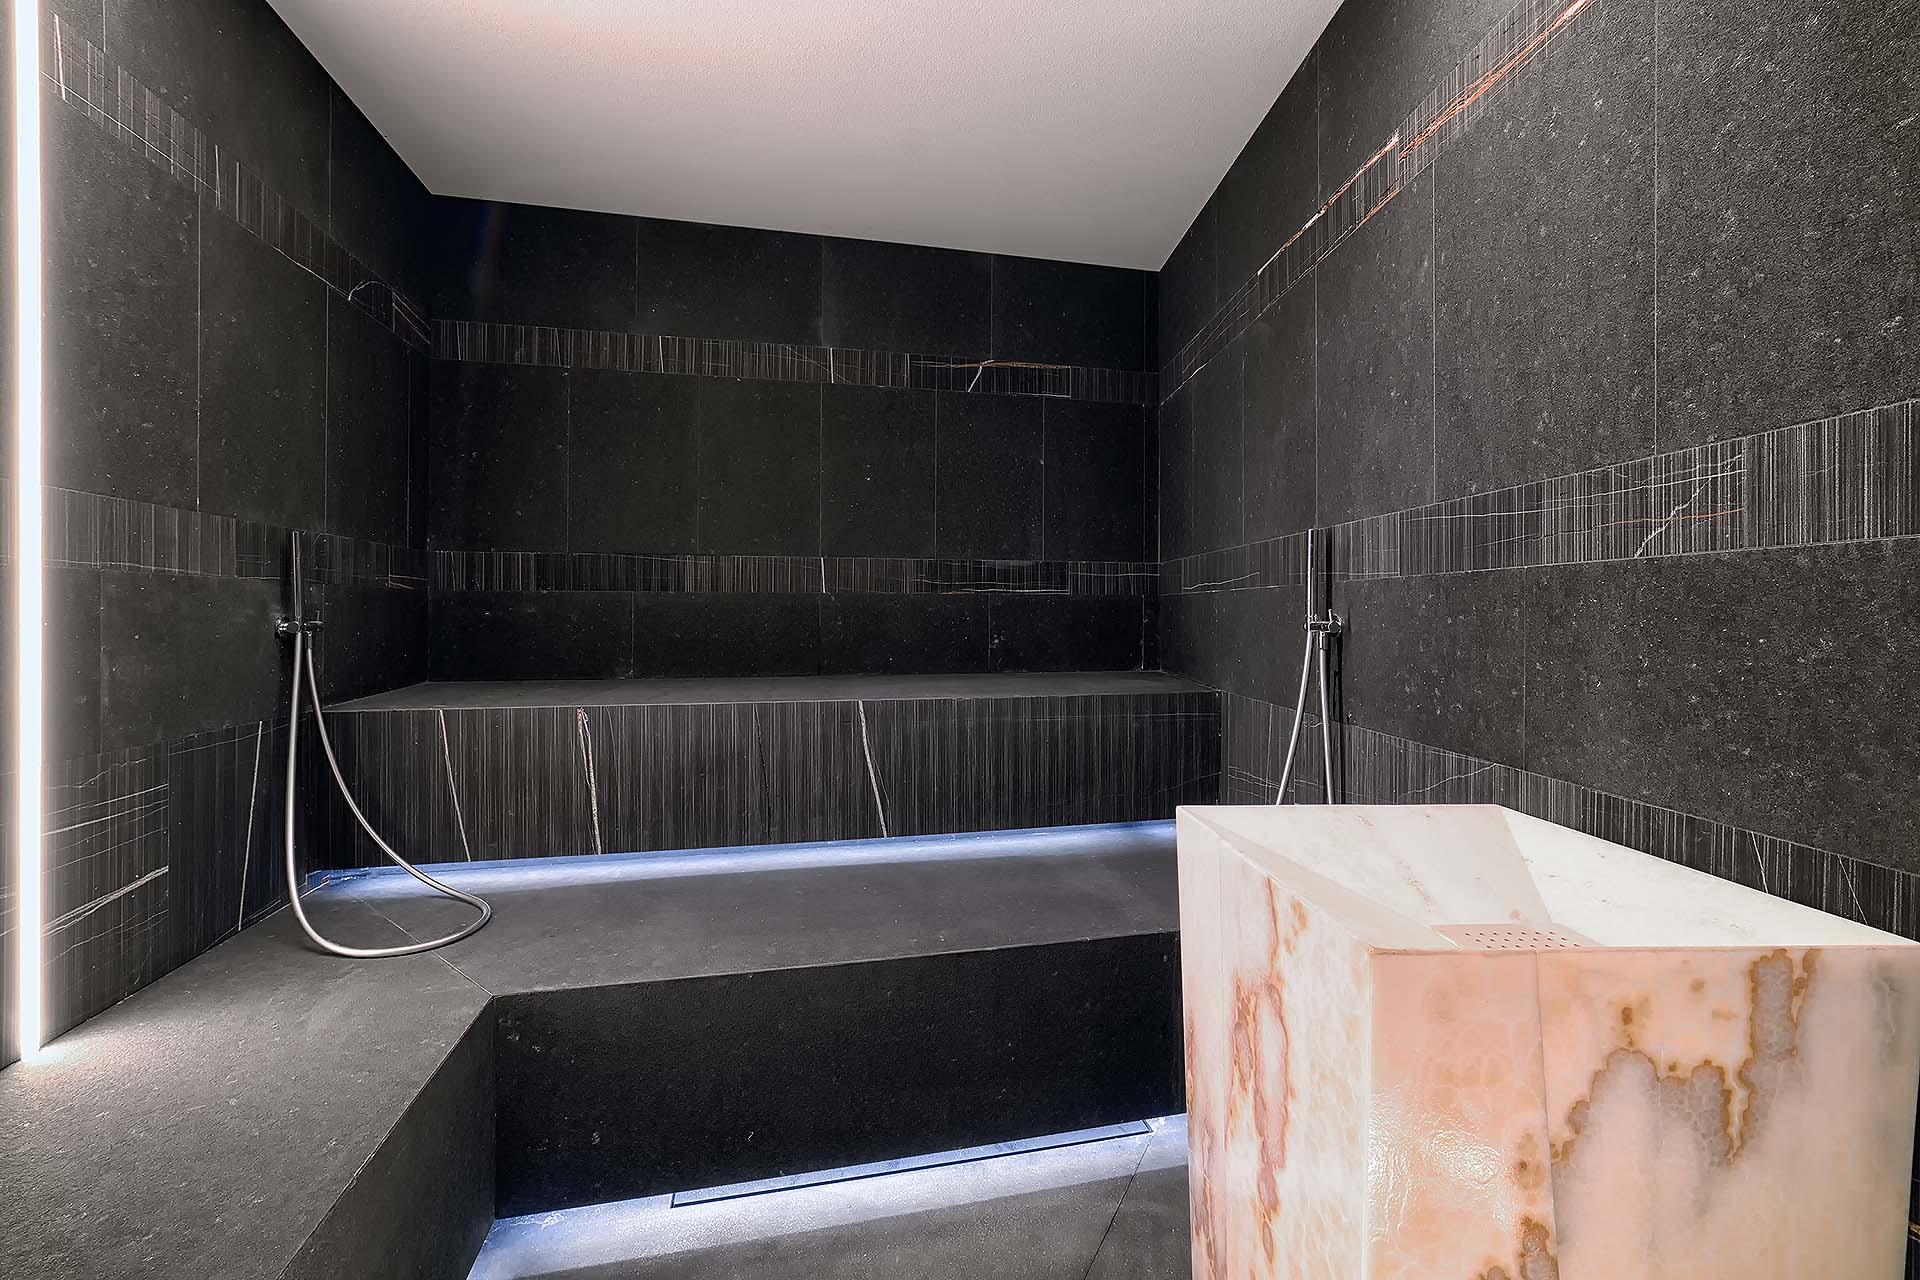 BAGNO TURCO <br> SHOW ROOM SANAE - SEGA DI CAVAION (VR)